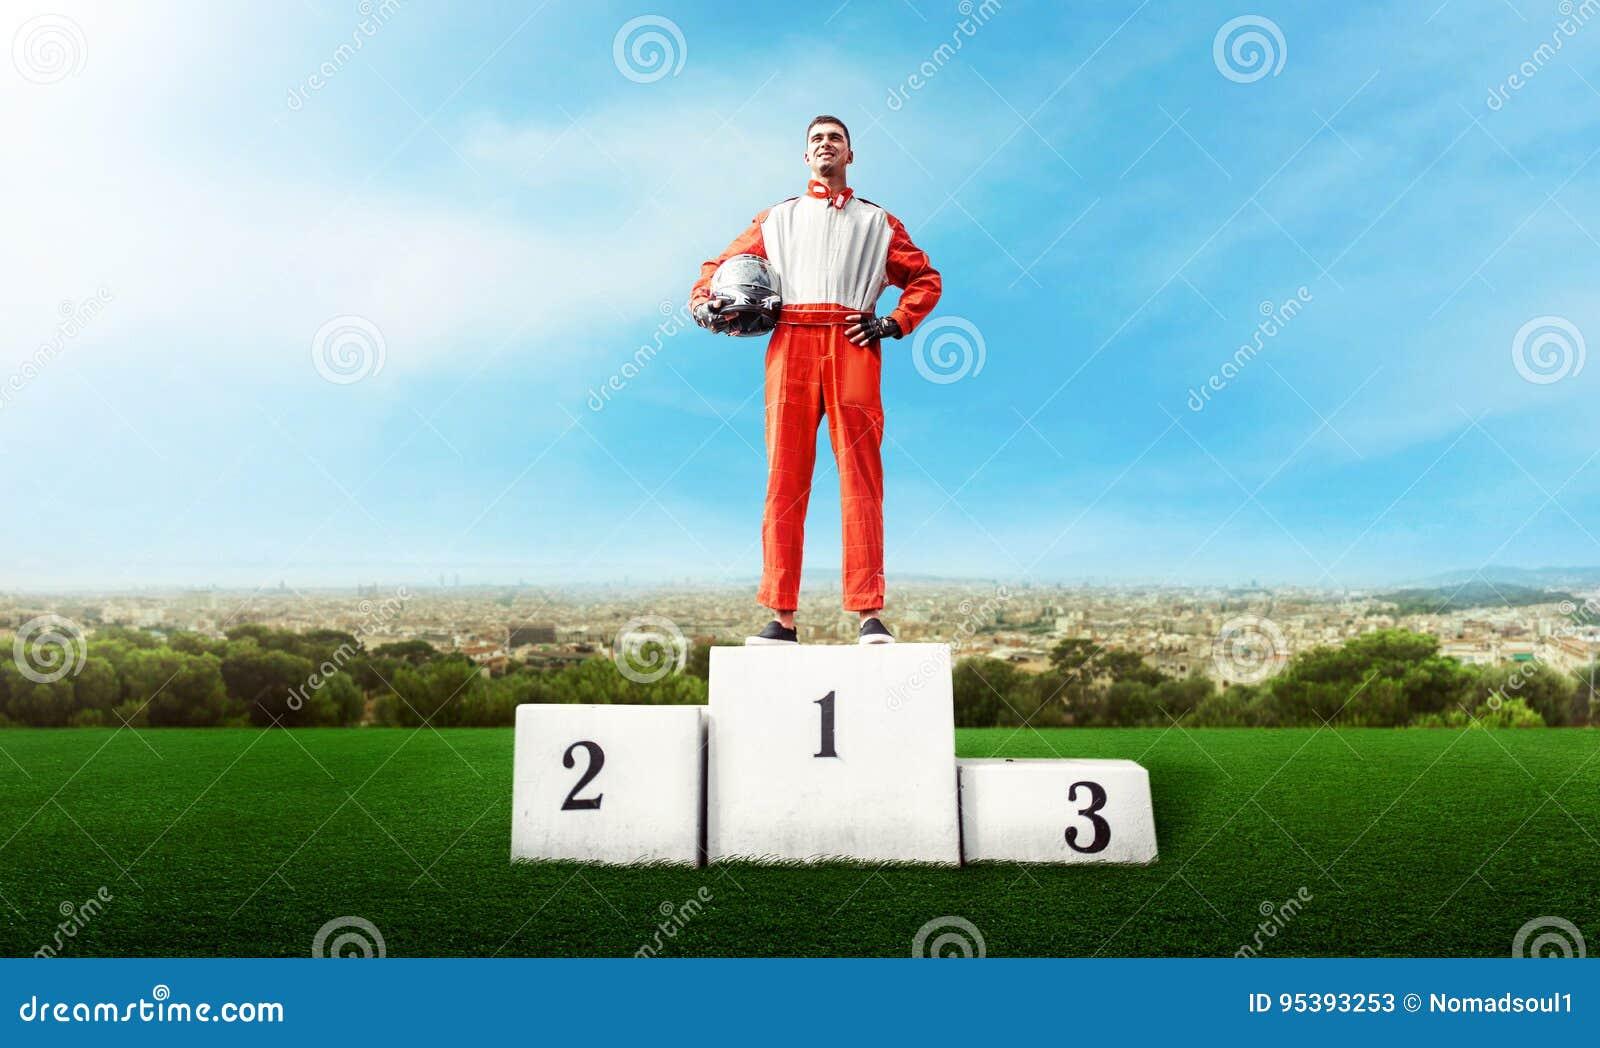 Le coureur de Karting sur le podium de gagnant vont concurrence de kart